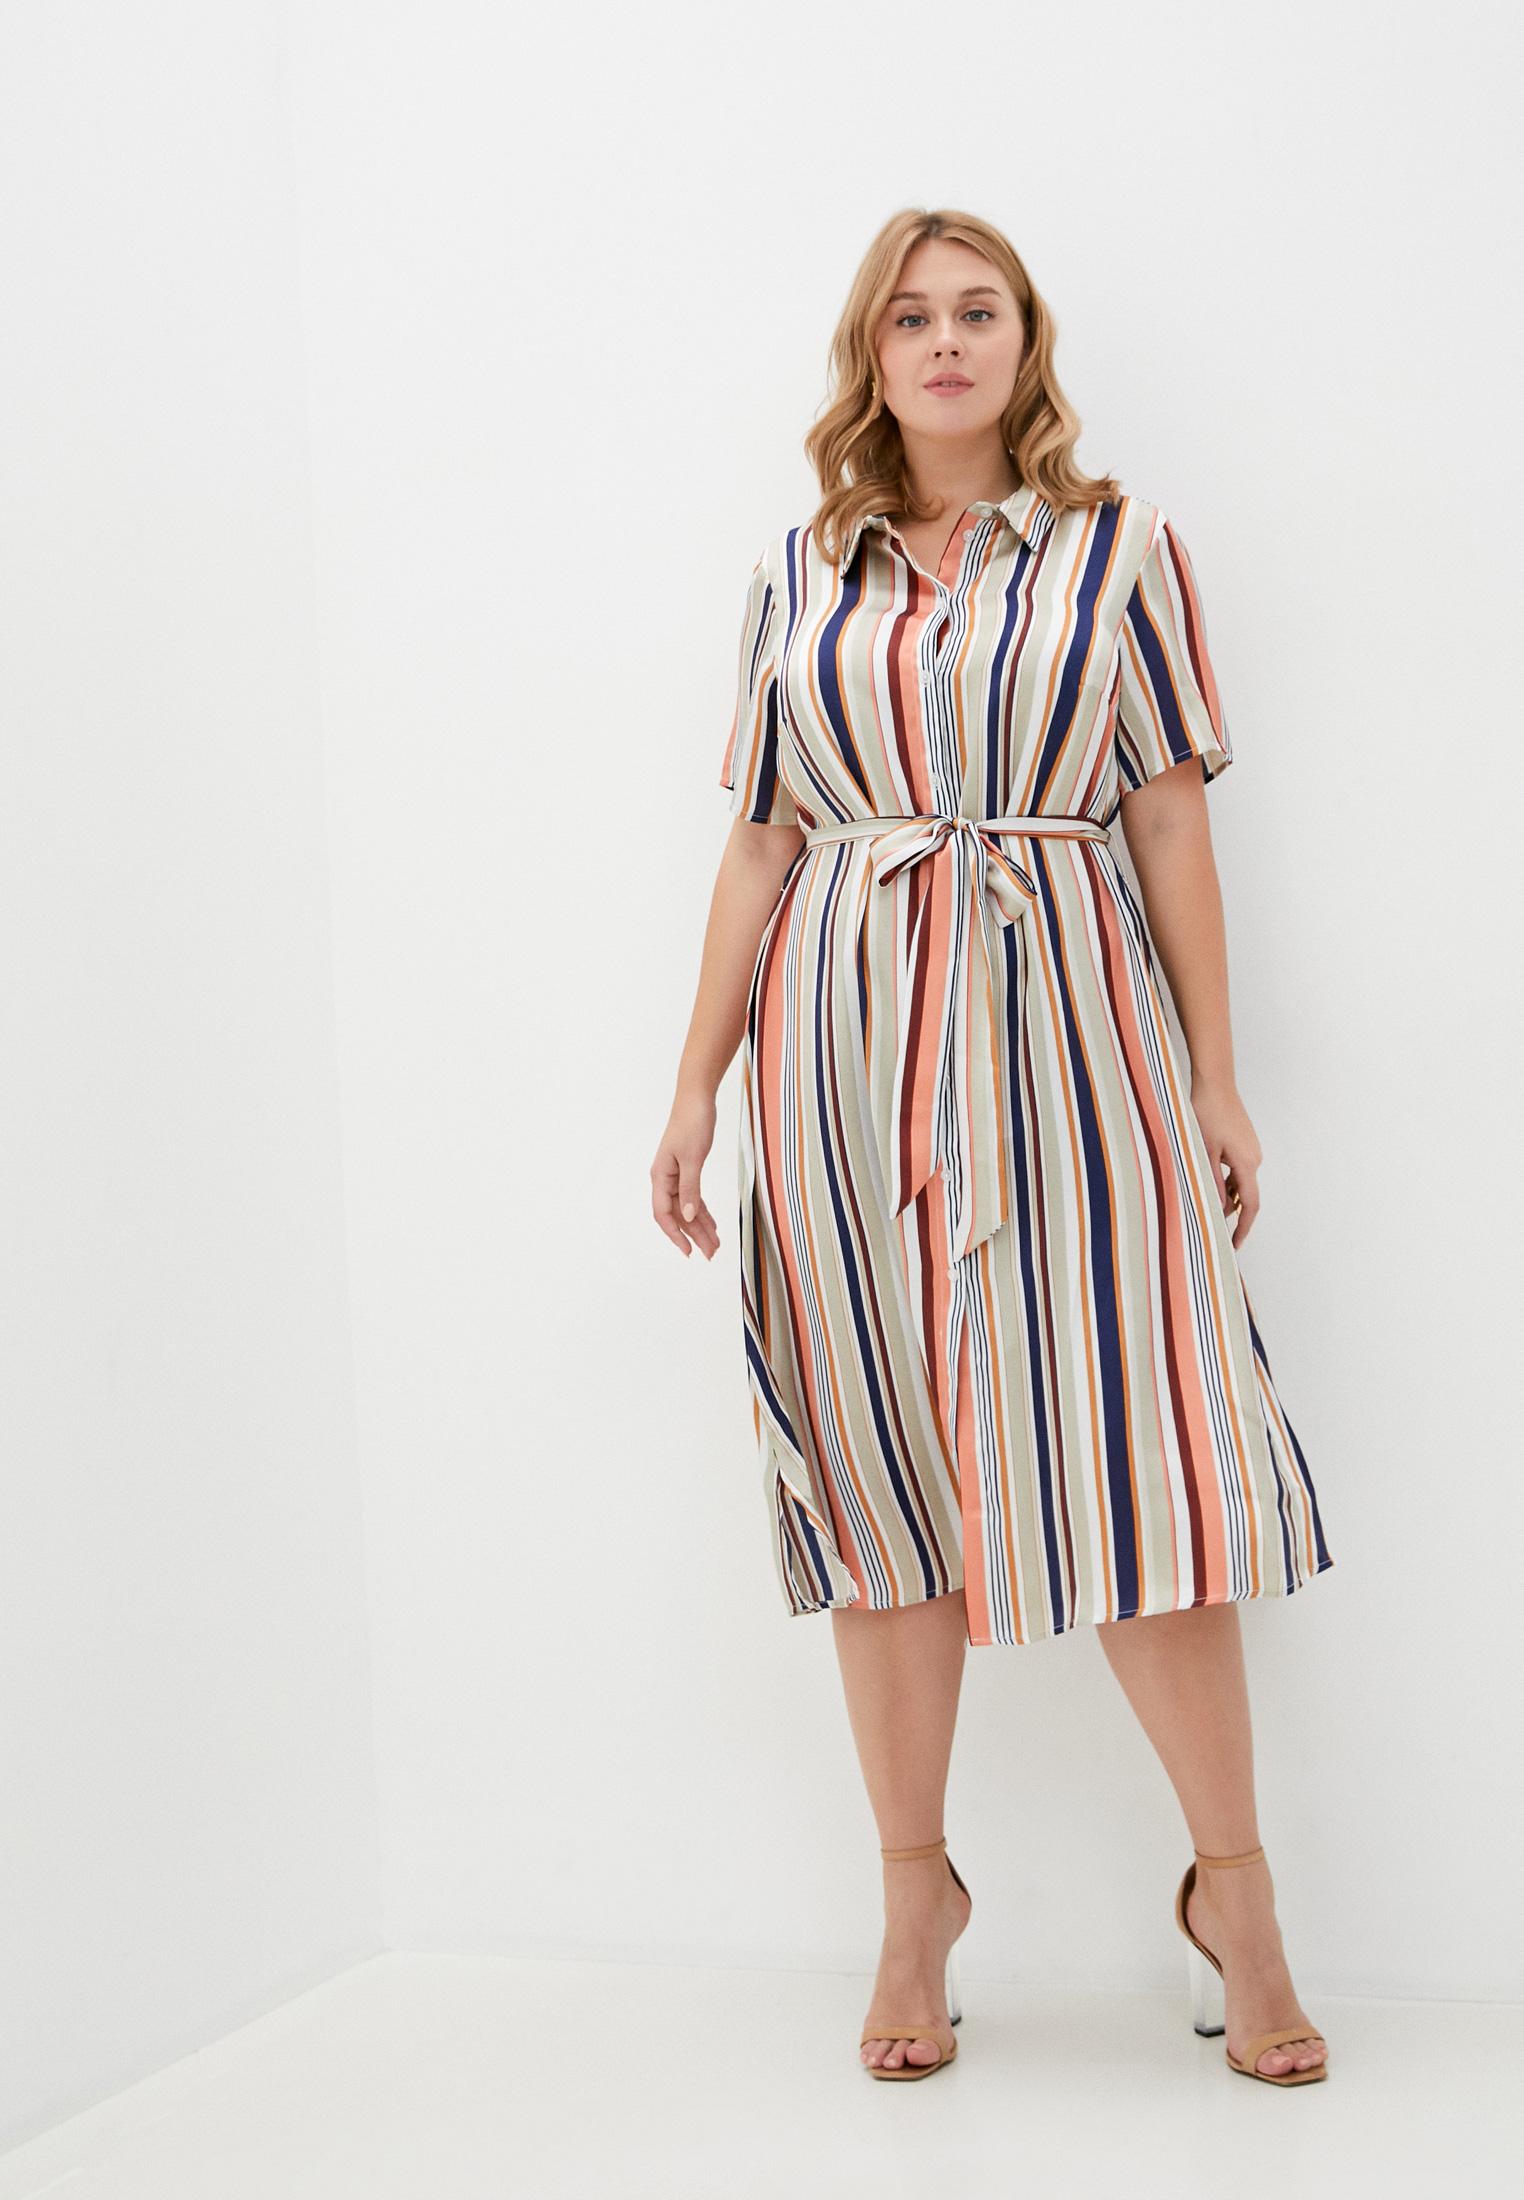 купить за 199 р платье интернет магазин